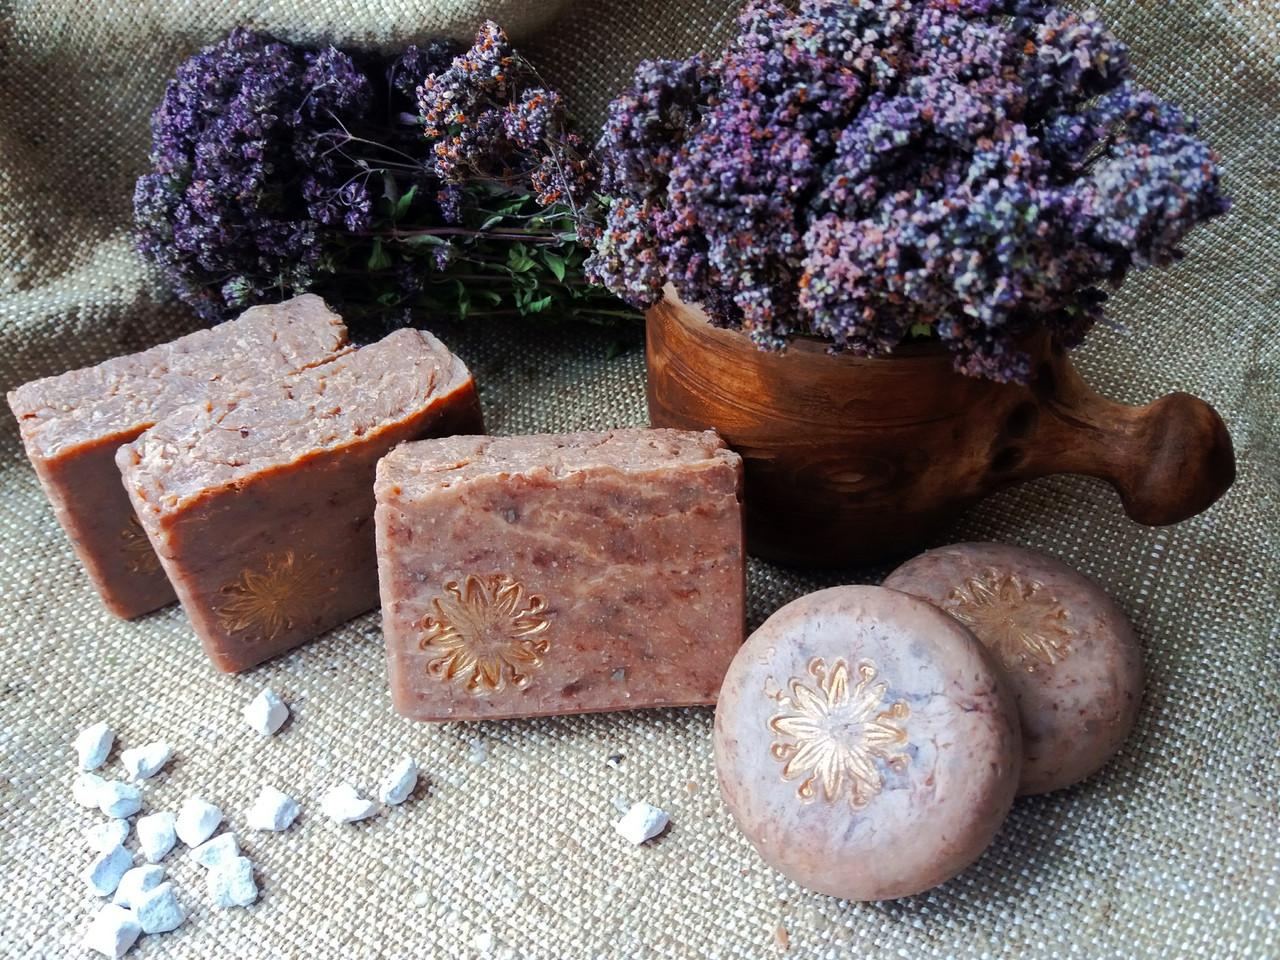 Натуральное мыло ручной работы  «Золото скифов» с кедром и ладаном - 1 кг